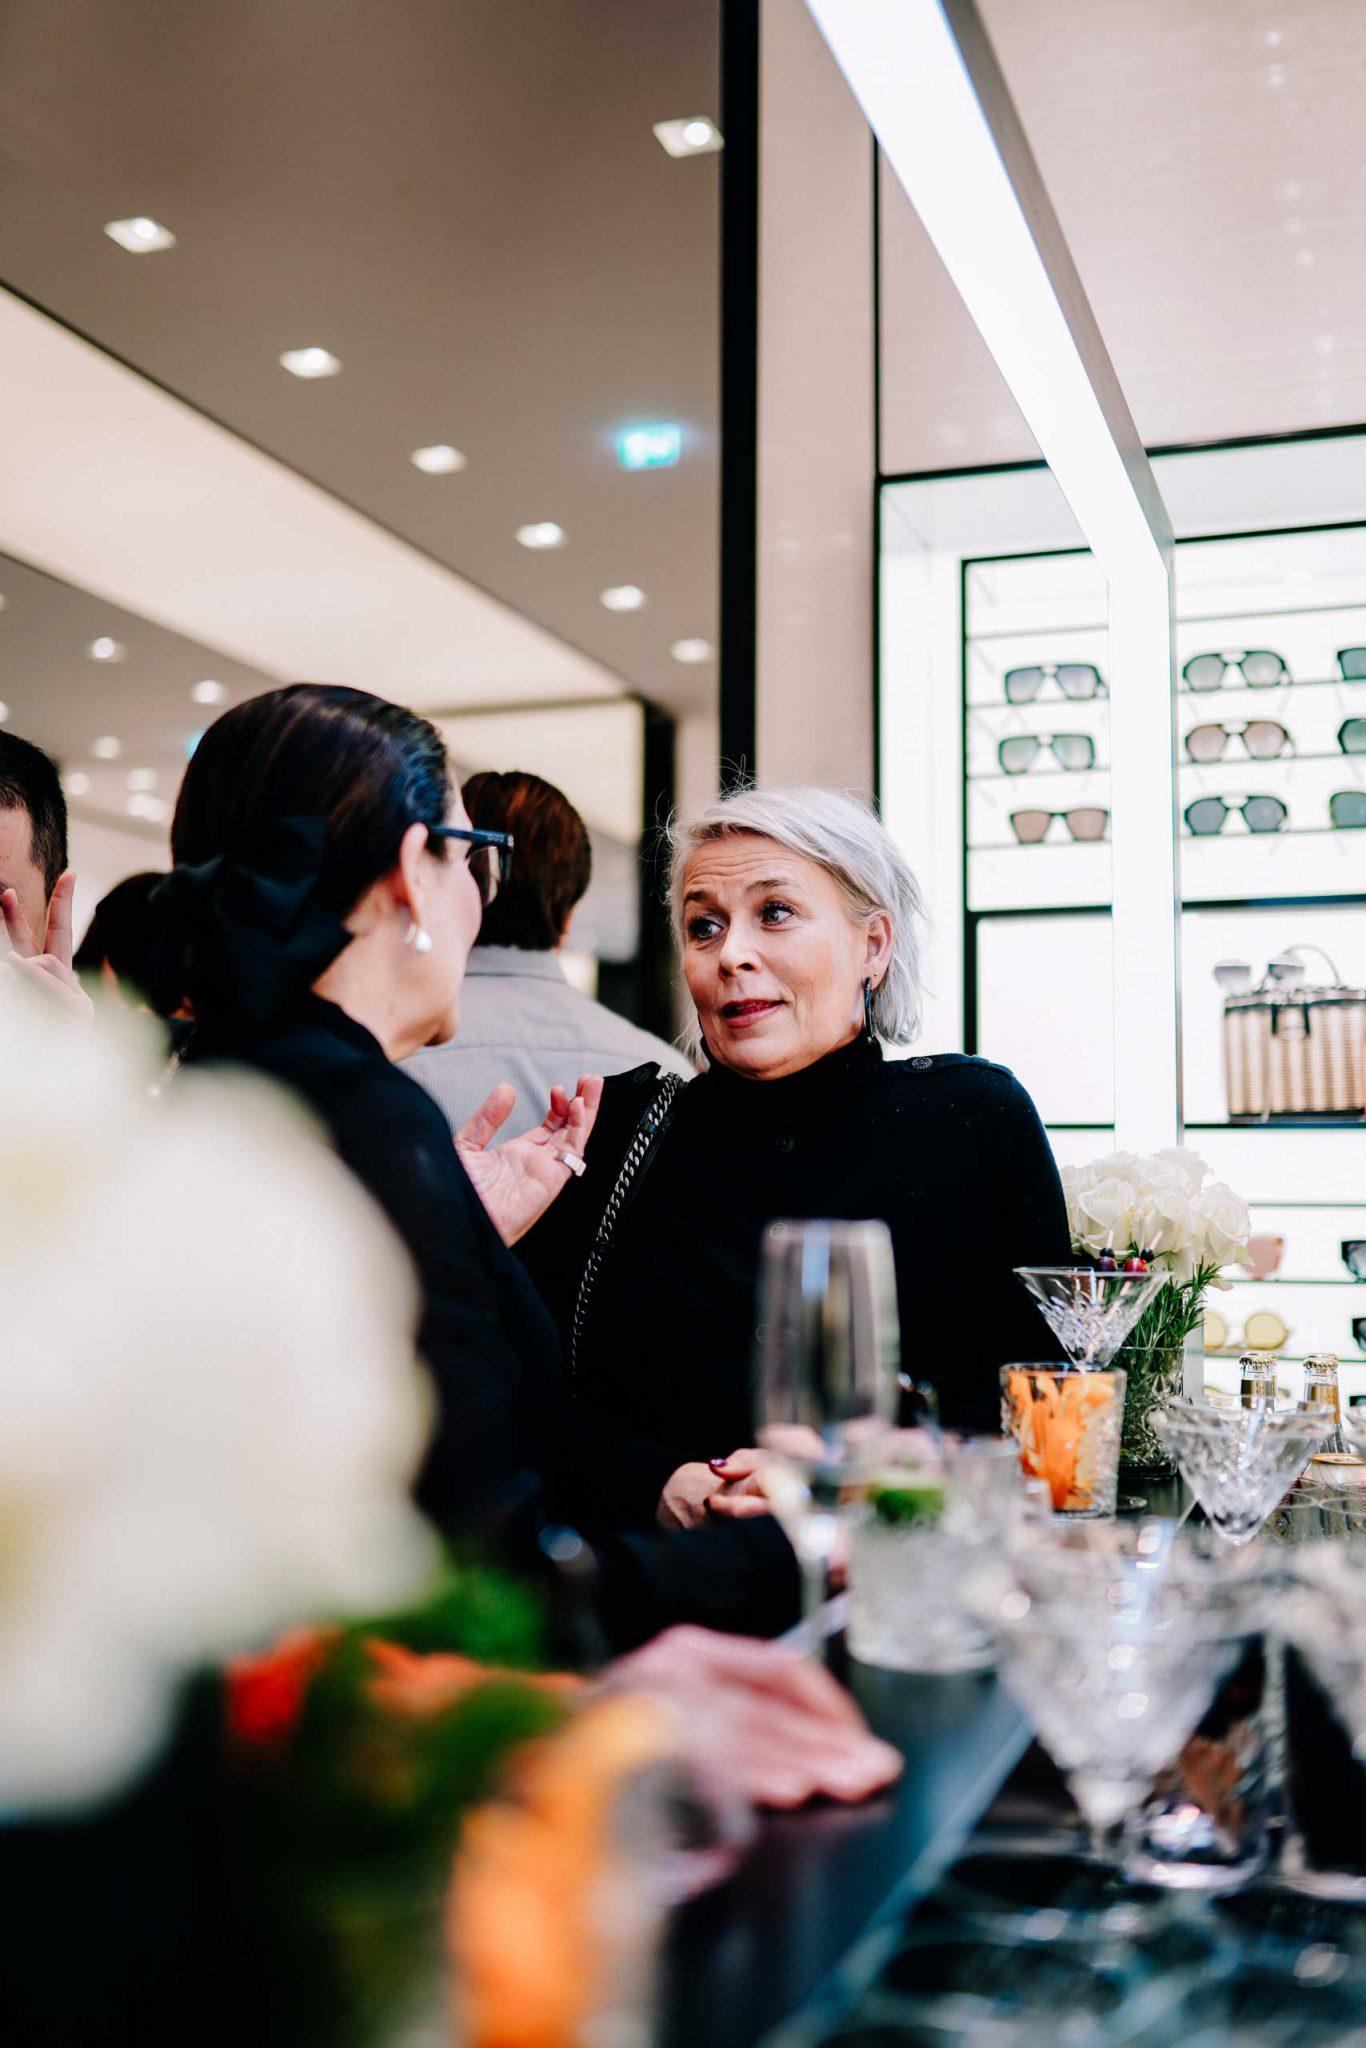 Chanel_Boutique_Cocktail_event_Ilsoo_van_Dijk_07122019-01239